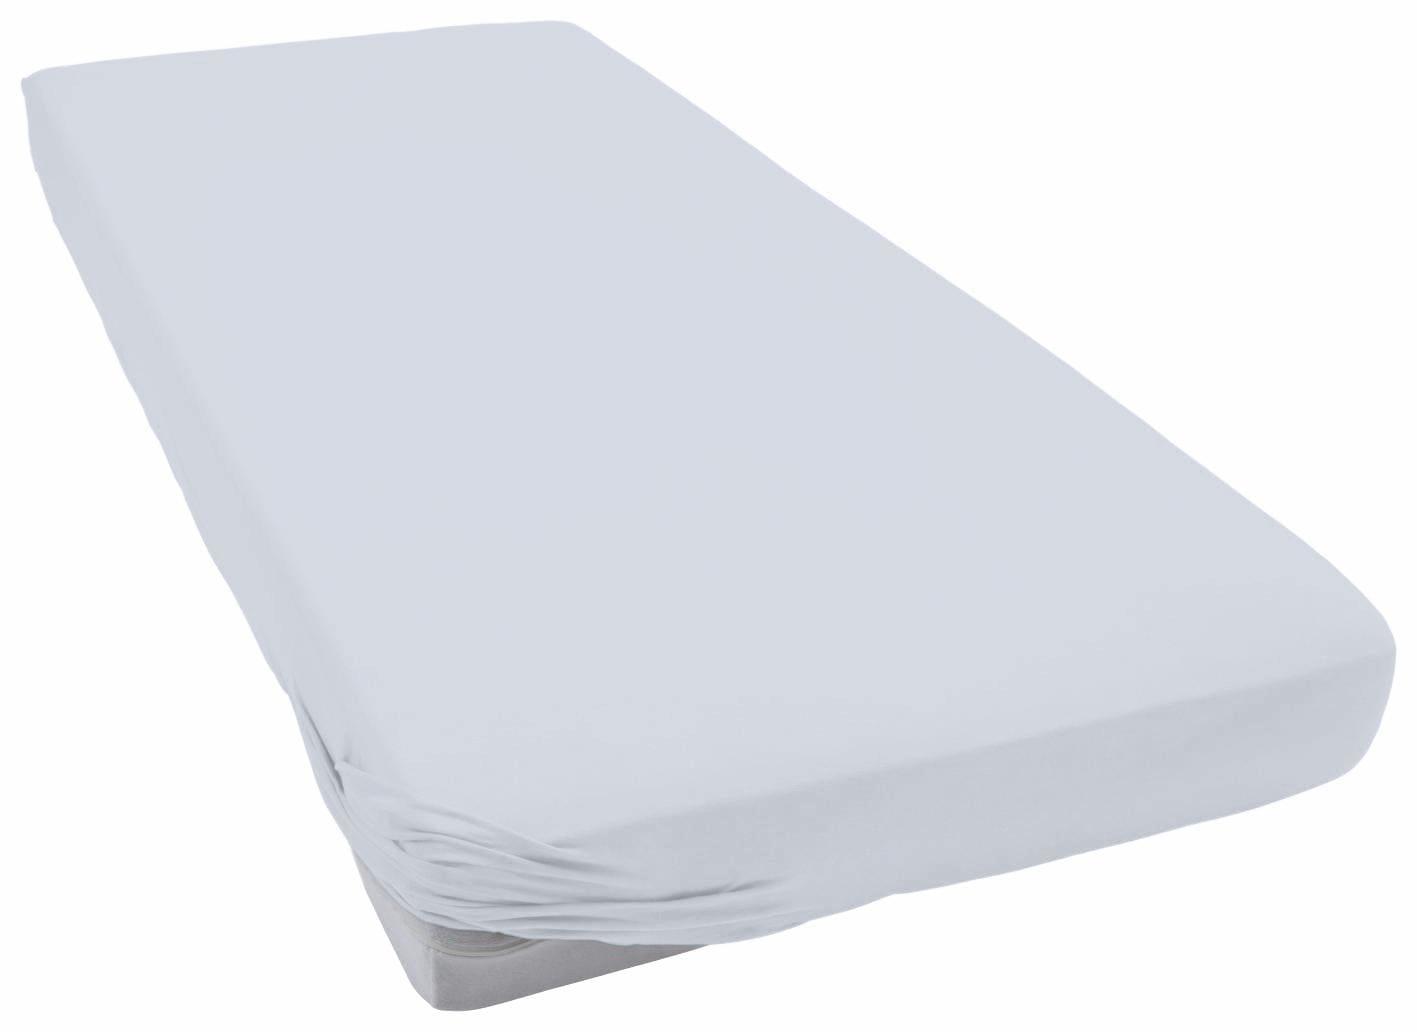 Spannbettlaken »Teddy Flausch«, Primera | Bekleidung > Bademode > Bademäntel | Grau | Flausch - Biber - Baumwolle - Polyester | PRIMERA FIRST SLEEPWARE